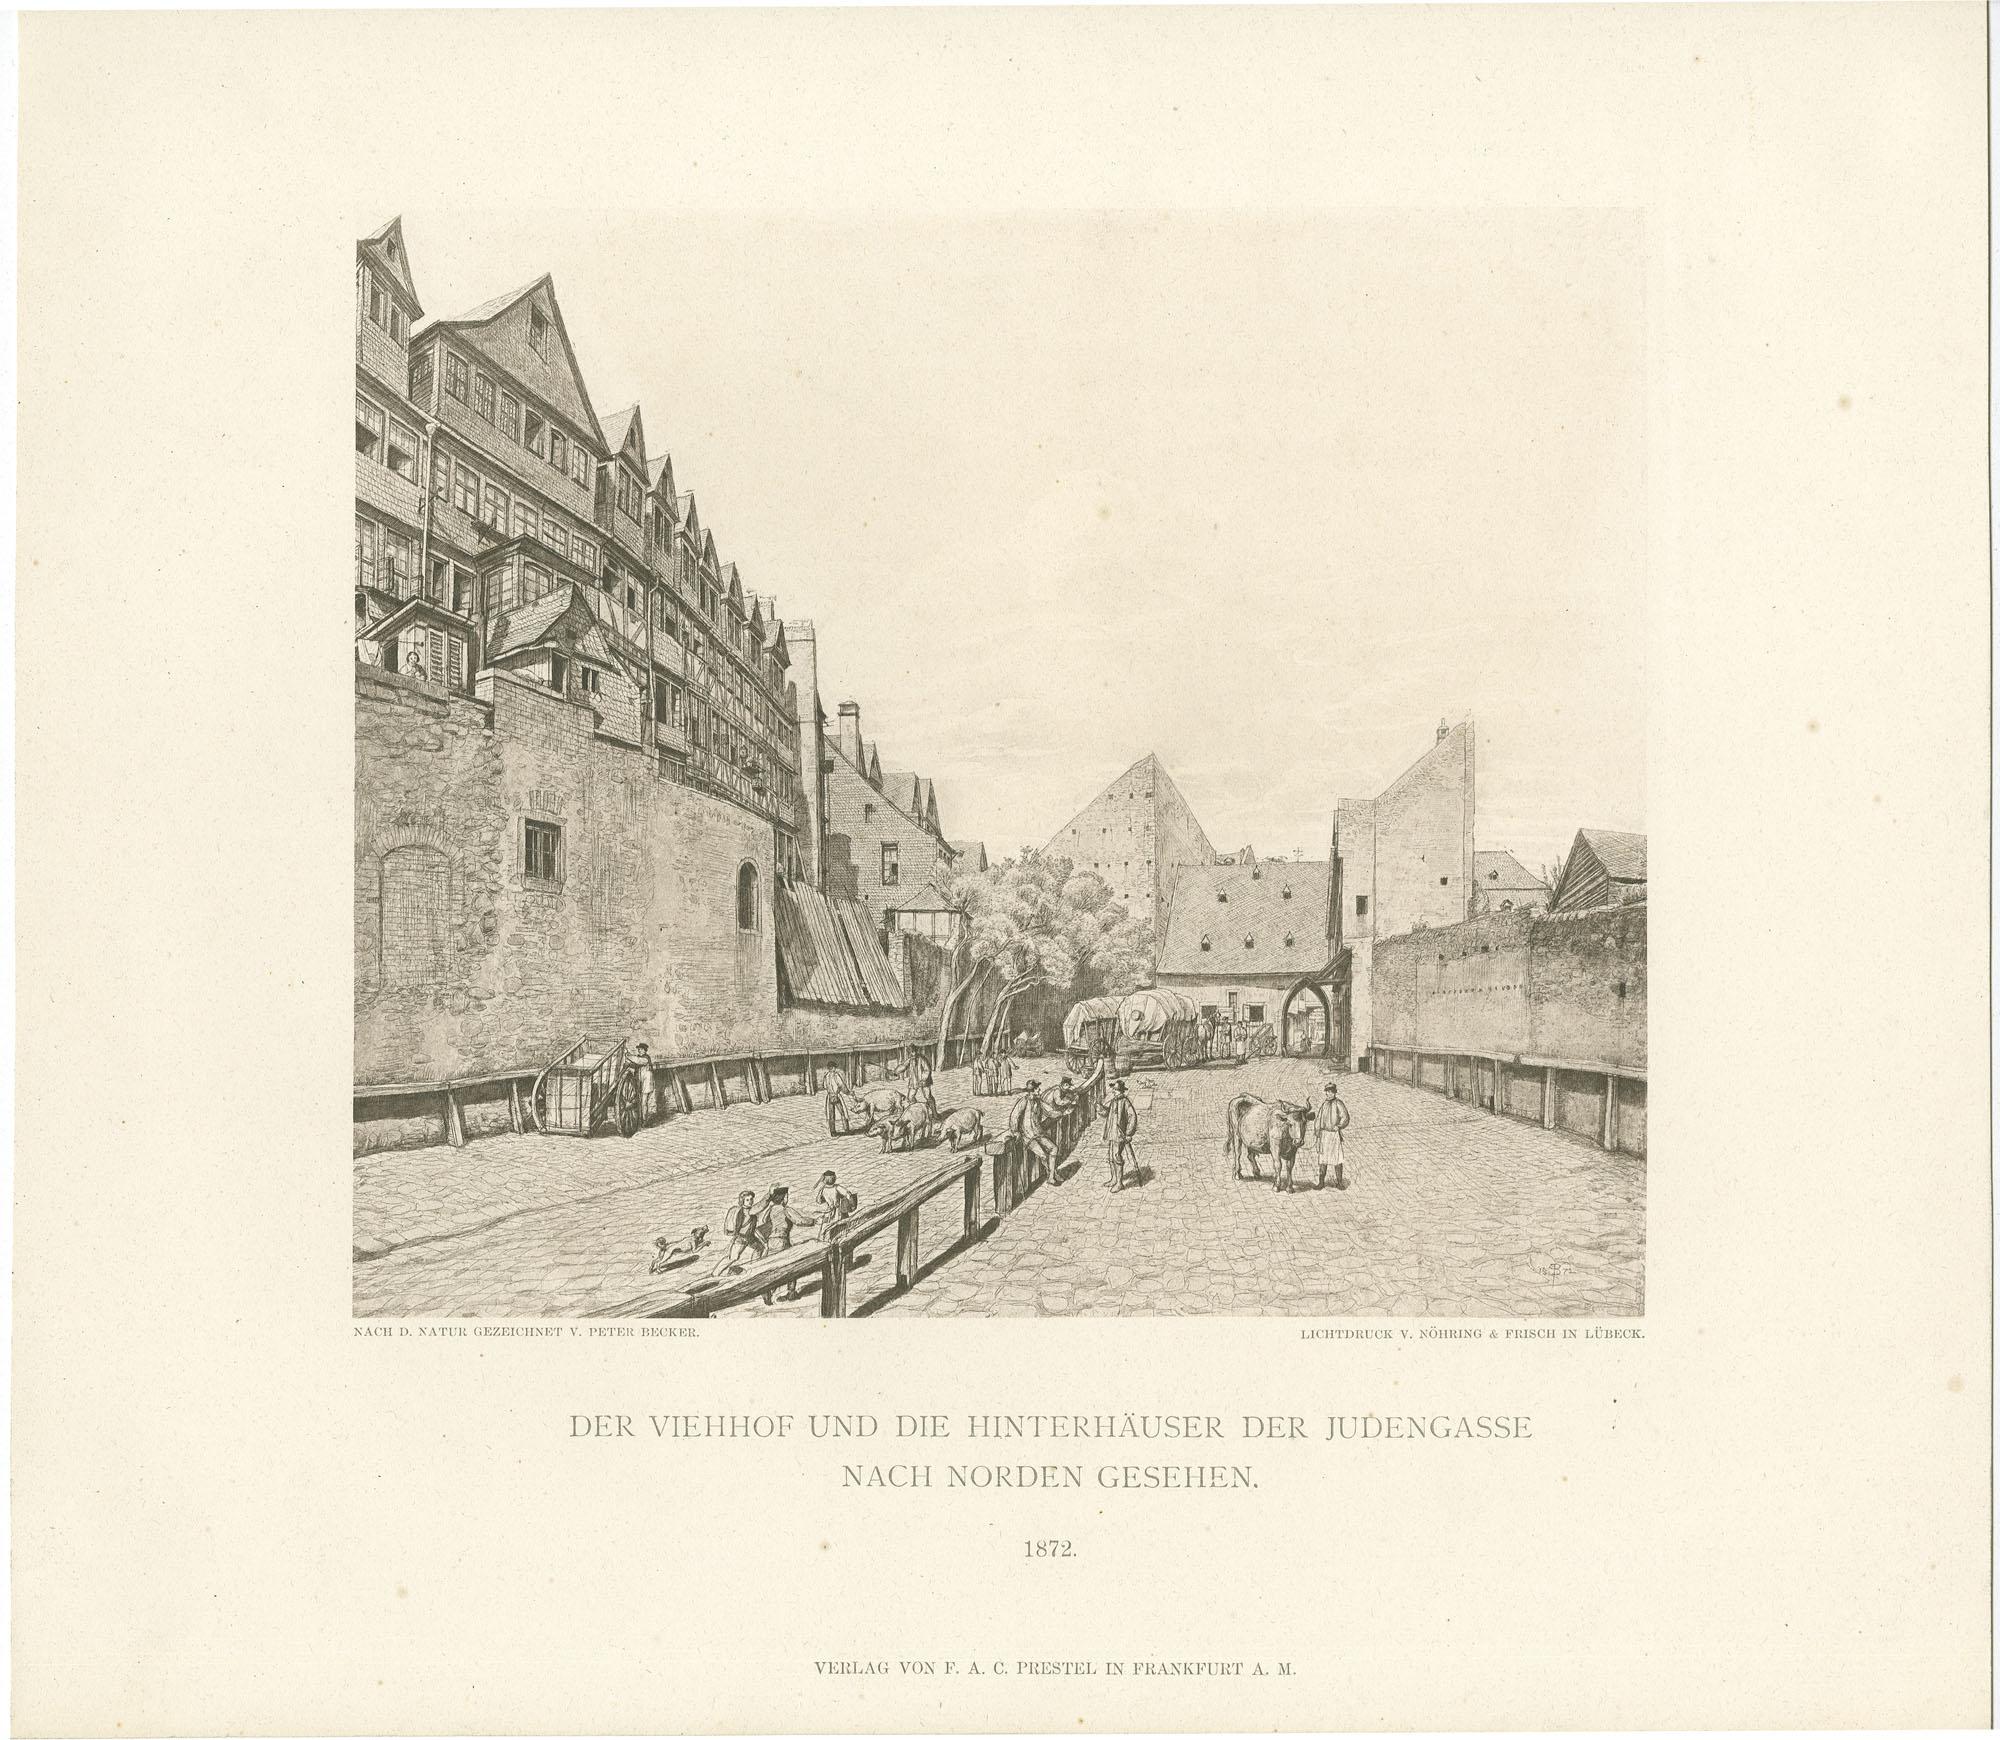 Der Viehhof und die Hinterhäuser in der Judengasse, nach Norden gesehen. 1871.